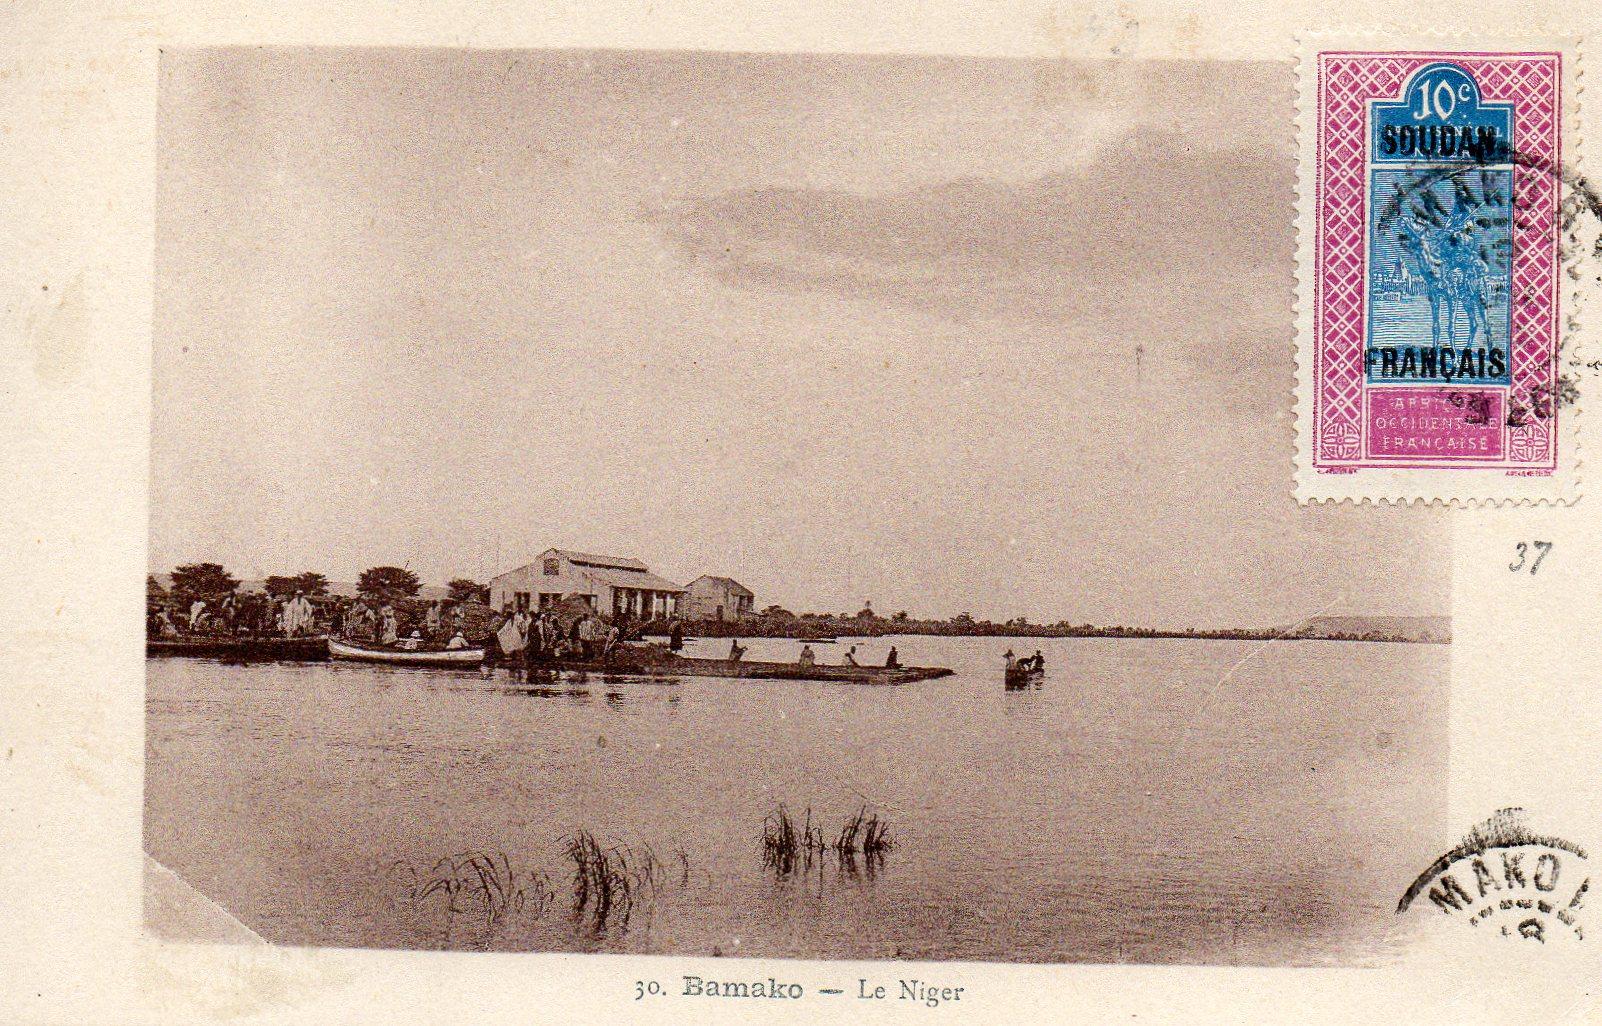 Bamako Le Niger